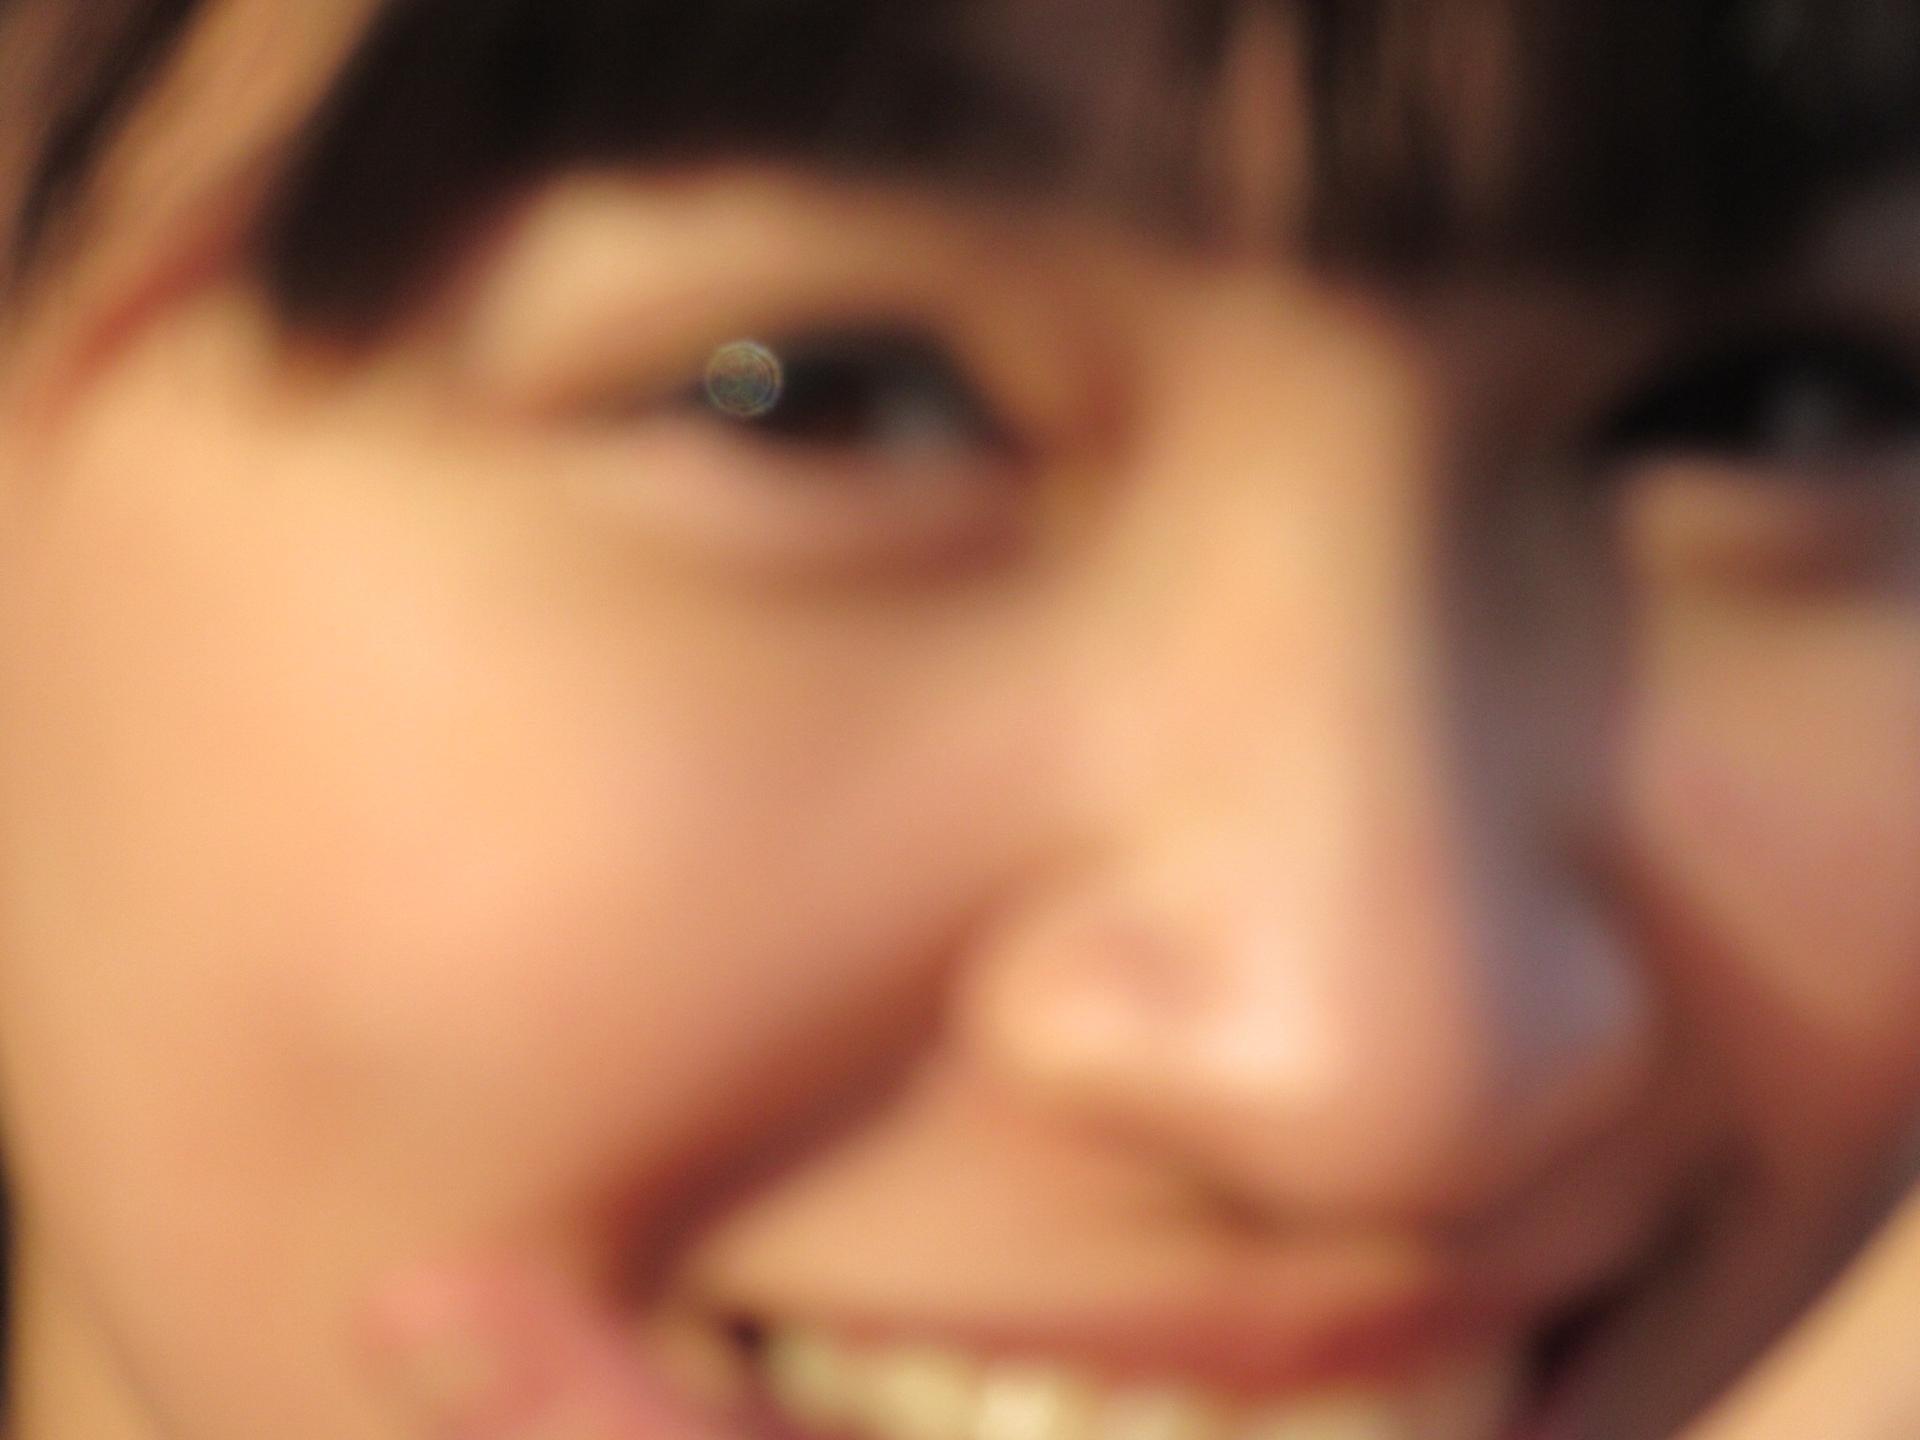 ★最近BINGOに珍がよく出るね 地下売上議論19195★ [無断転載禁止]©2ch.netYouTube動画>2本 ->画像>454枚